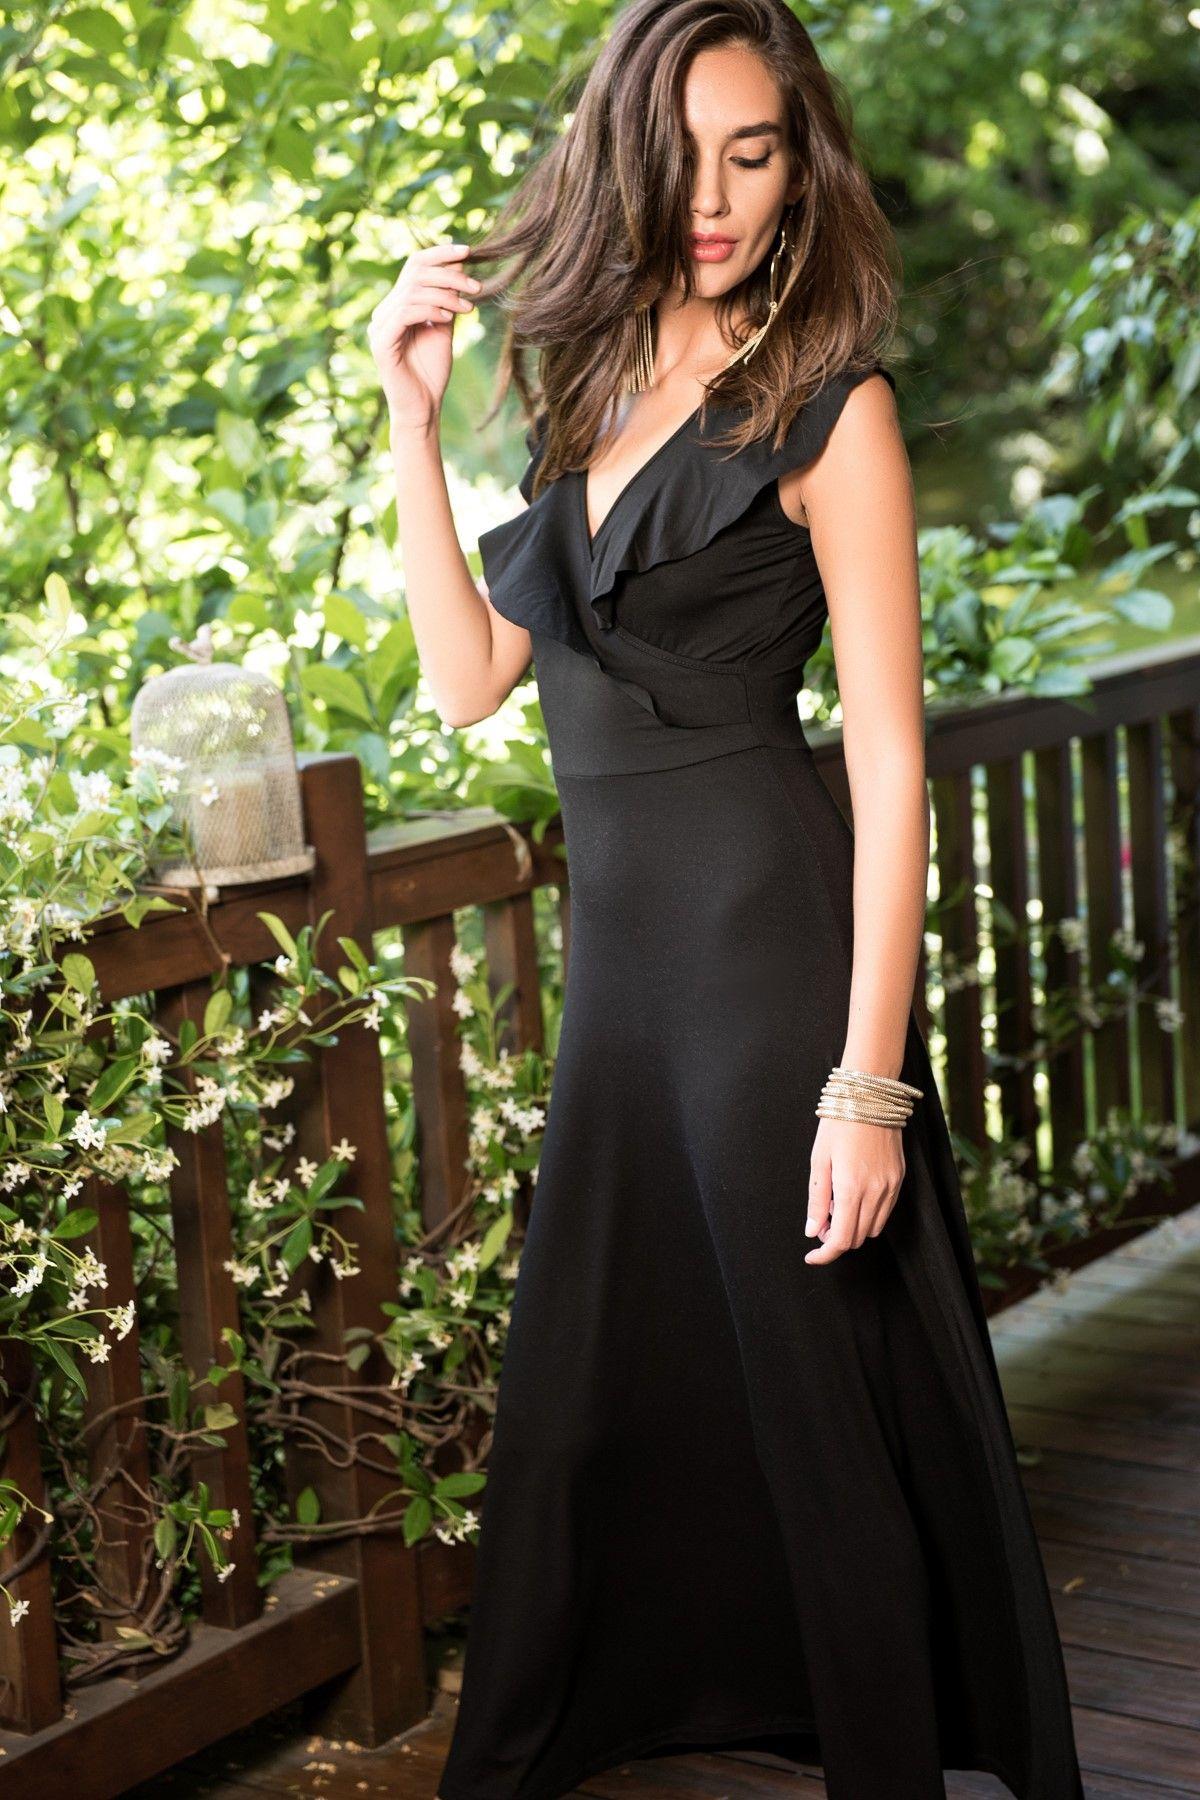 Siyah Volanli Elbise Sm012 Siyah Kisa Elbise Elbise Giyim